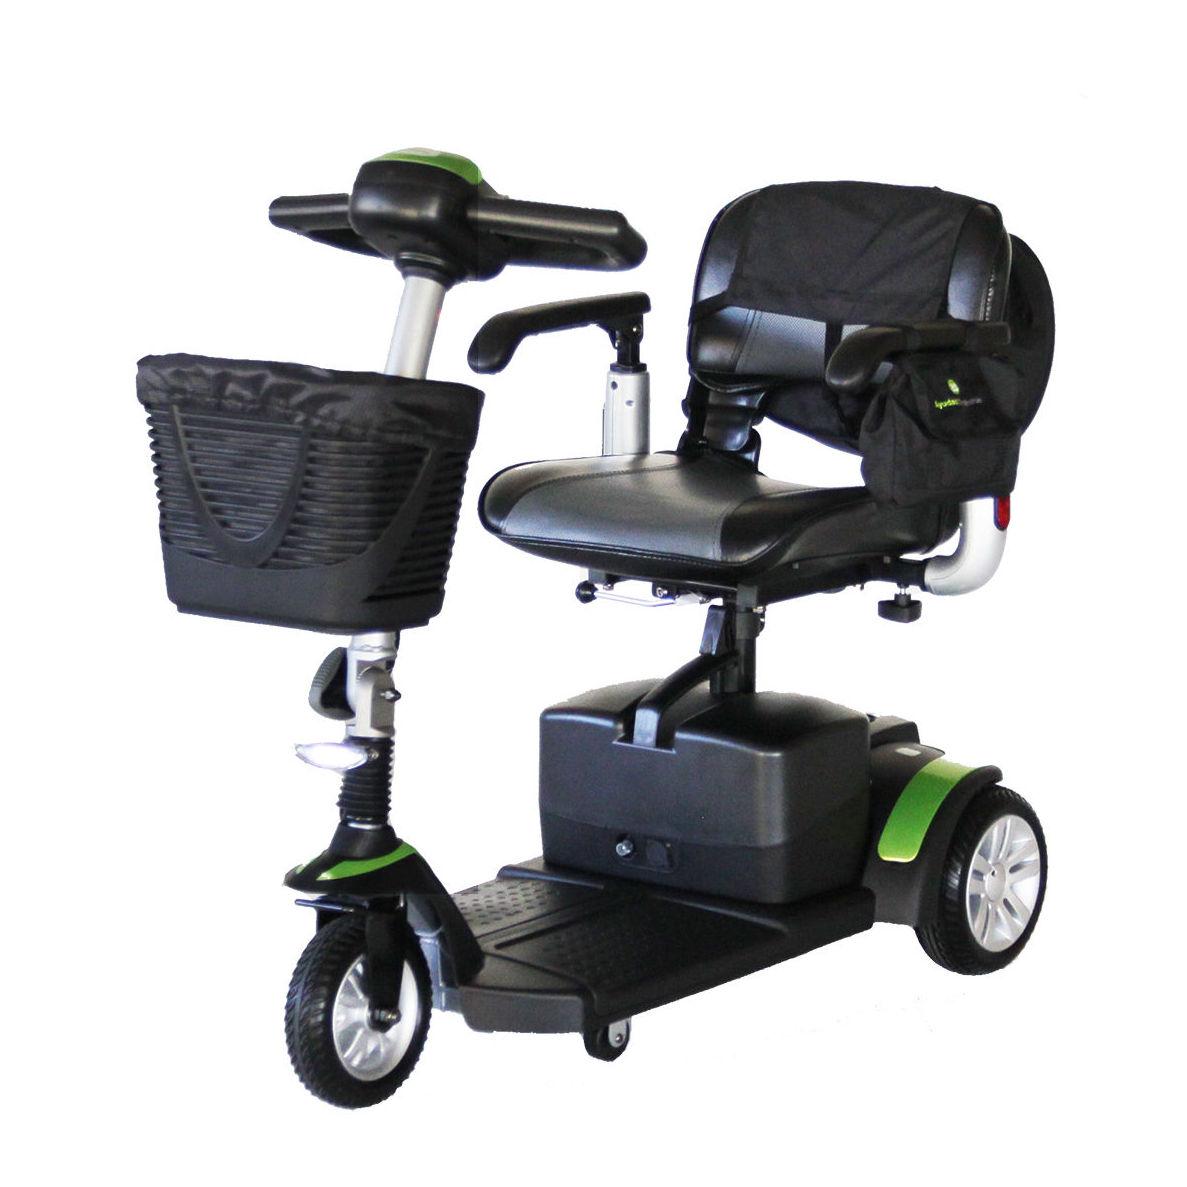 Scooter de 3 ruedas Eclipse Plus Gijón